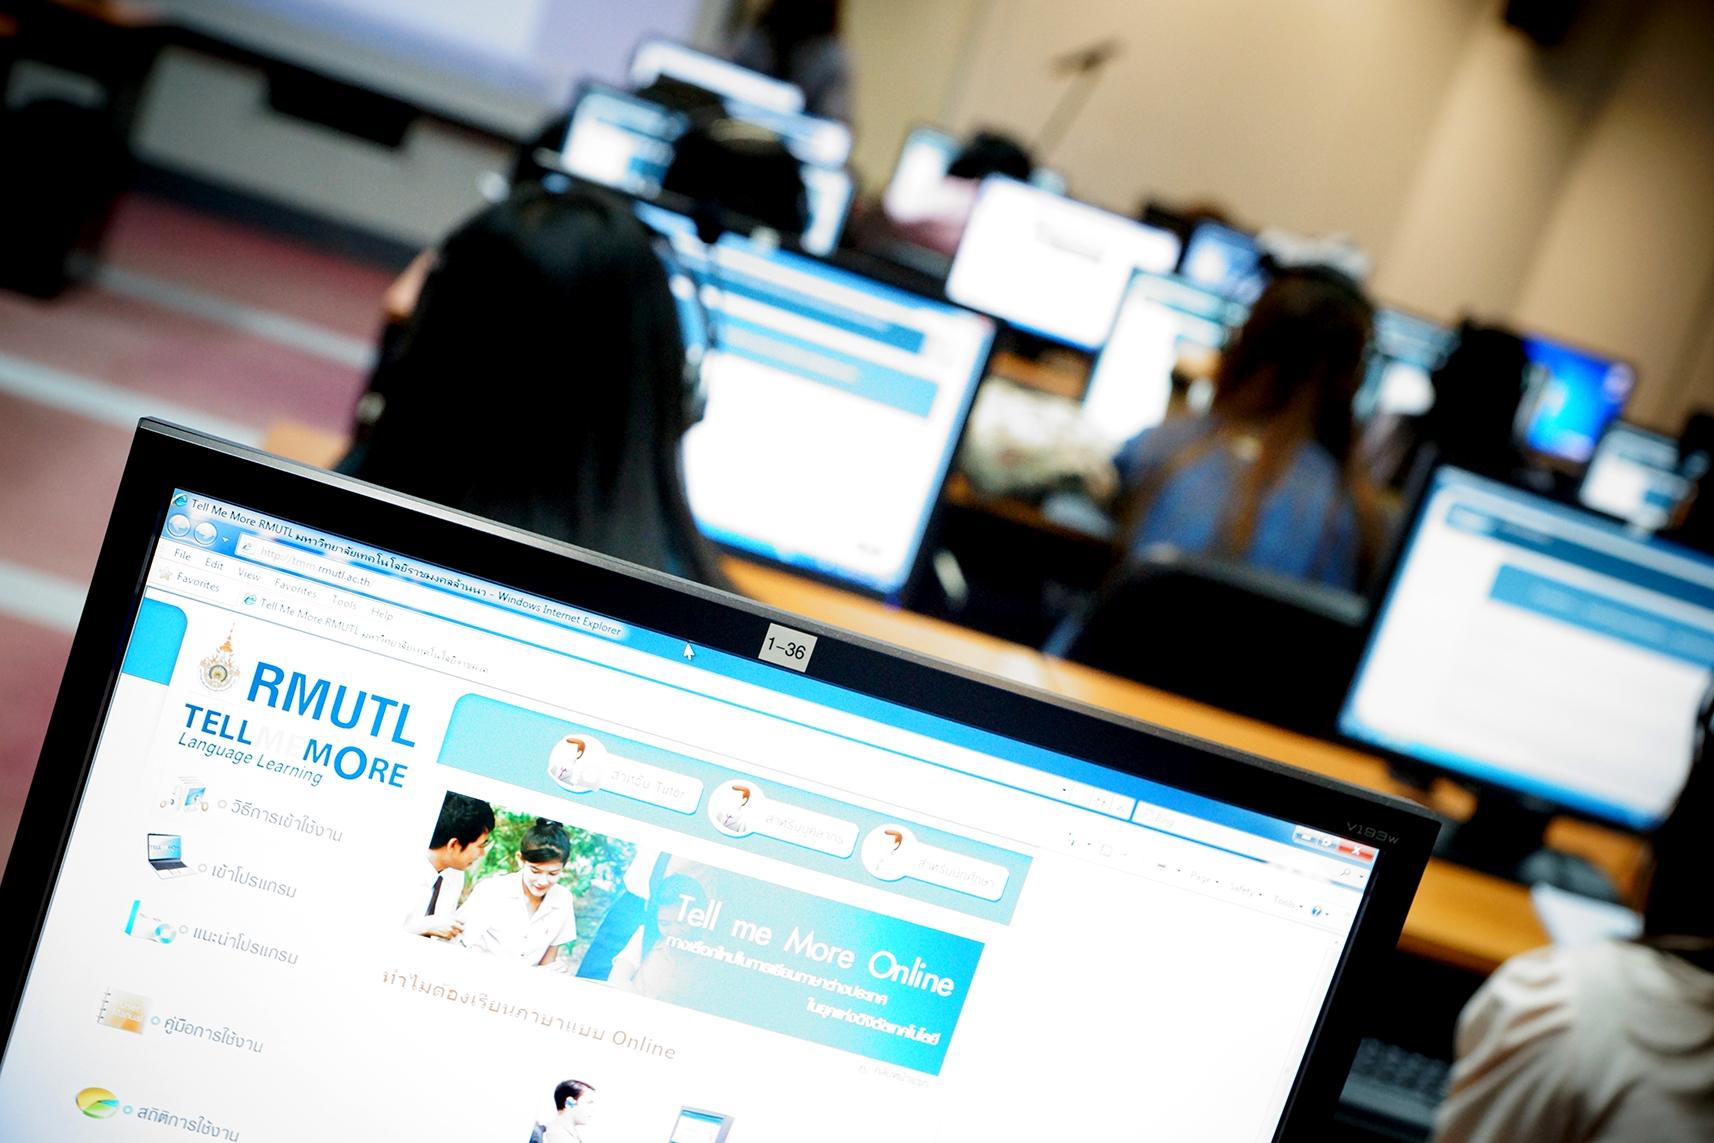 นักศึกษาสาขาการบัญชี และสาขาบริหารการท่องเที่ยวเข้าสอบวัดผลทักษะภาษาอังกฤษ ด้วยโปรแกรม Tell Me More Online